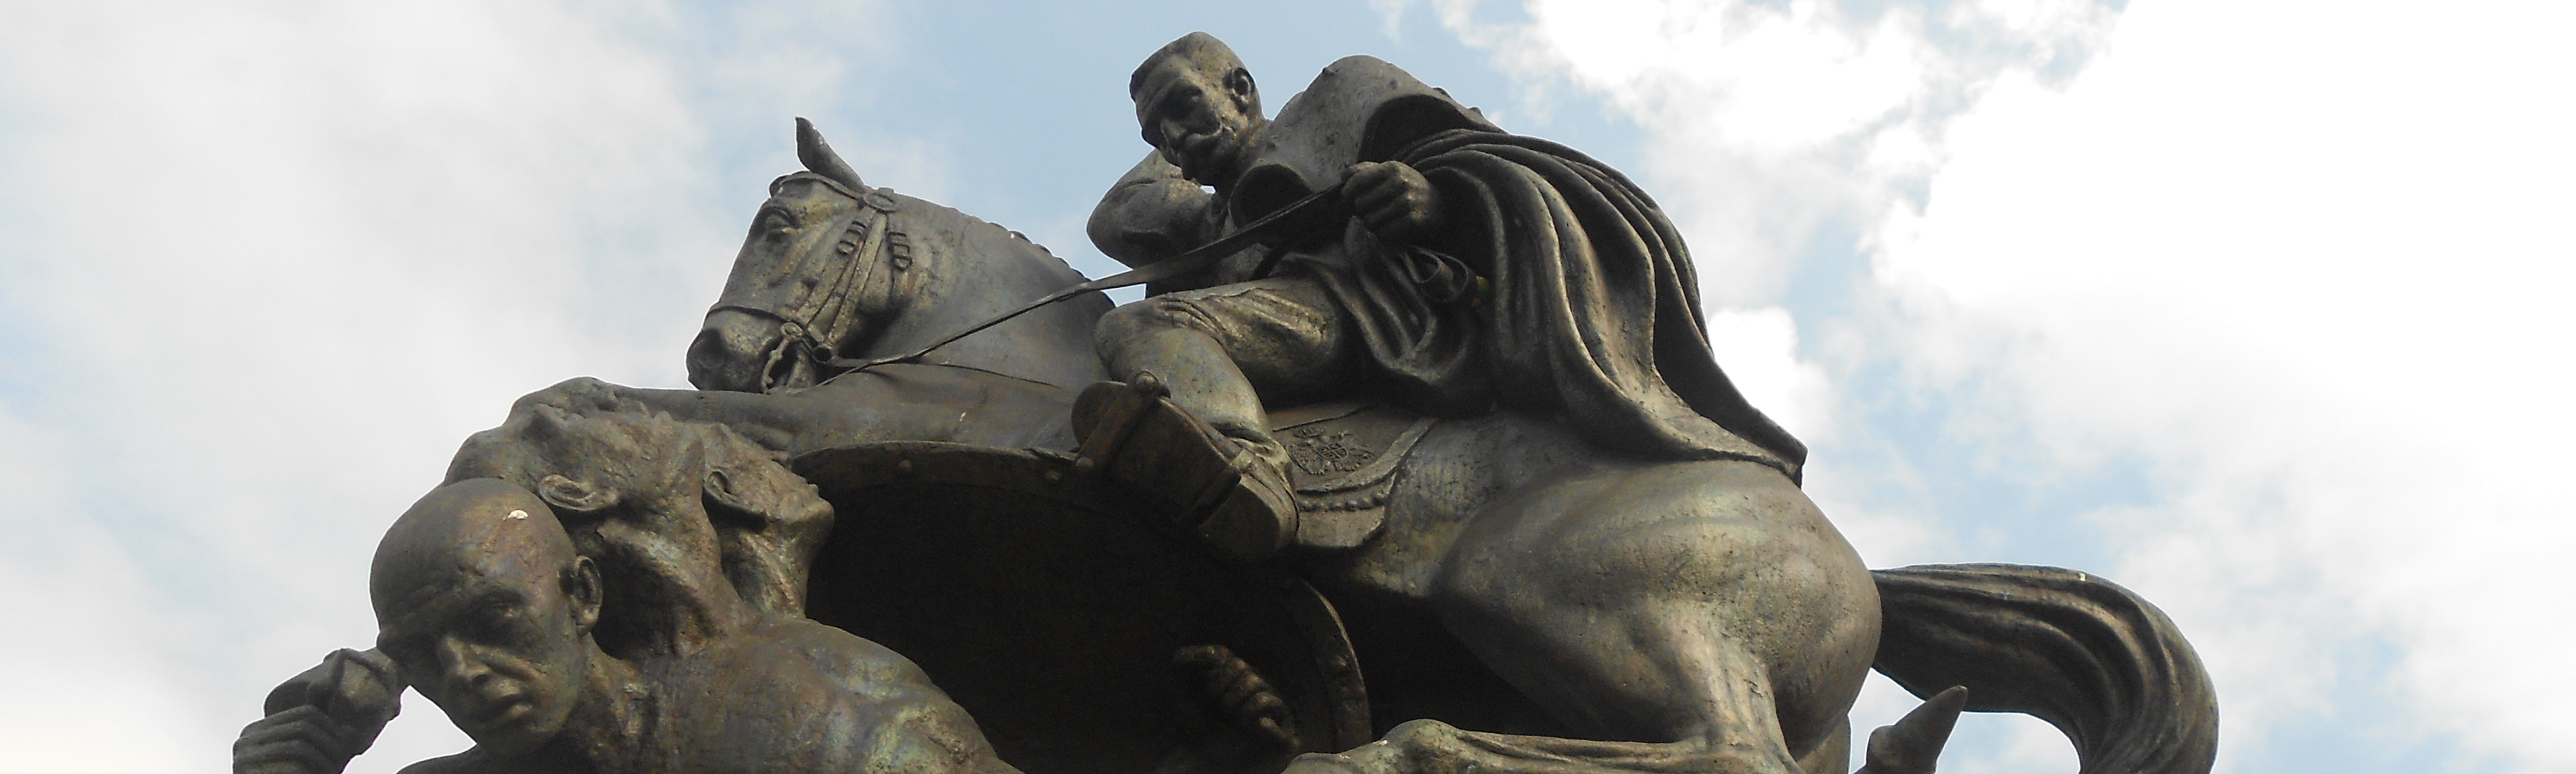 Памятник Петру I Караджорджевичу в Биелине